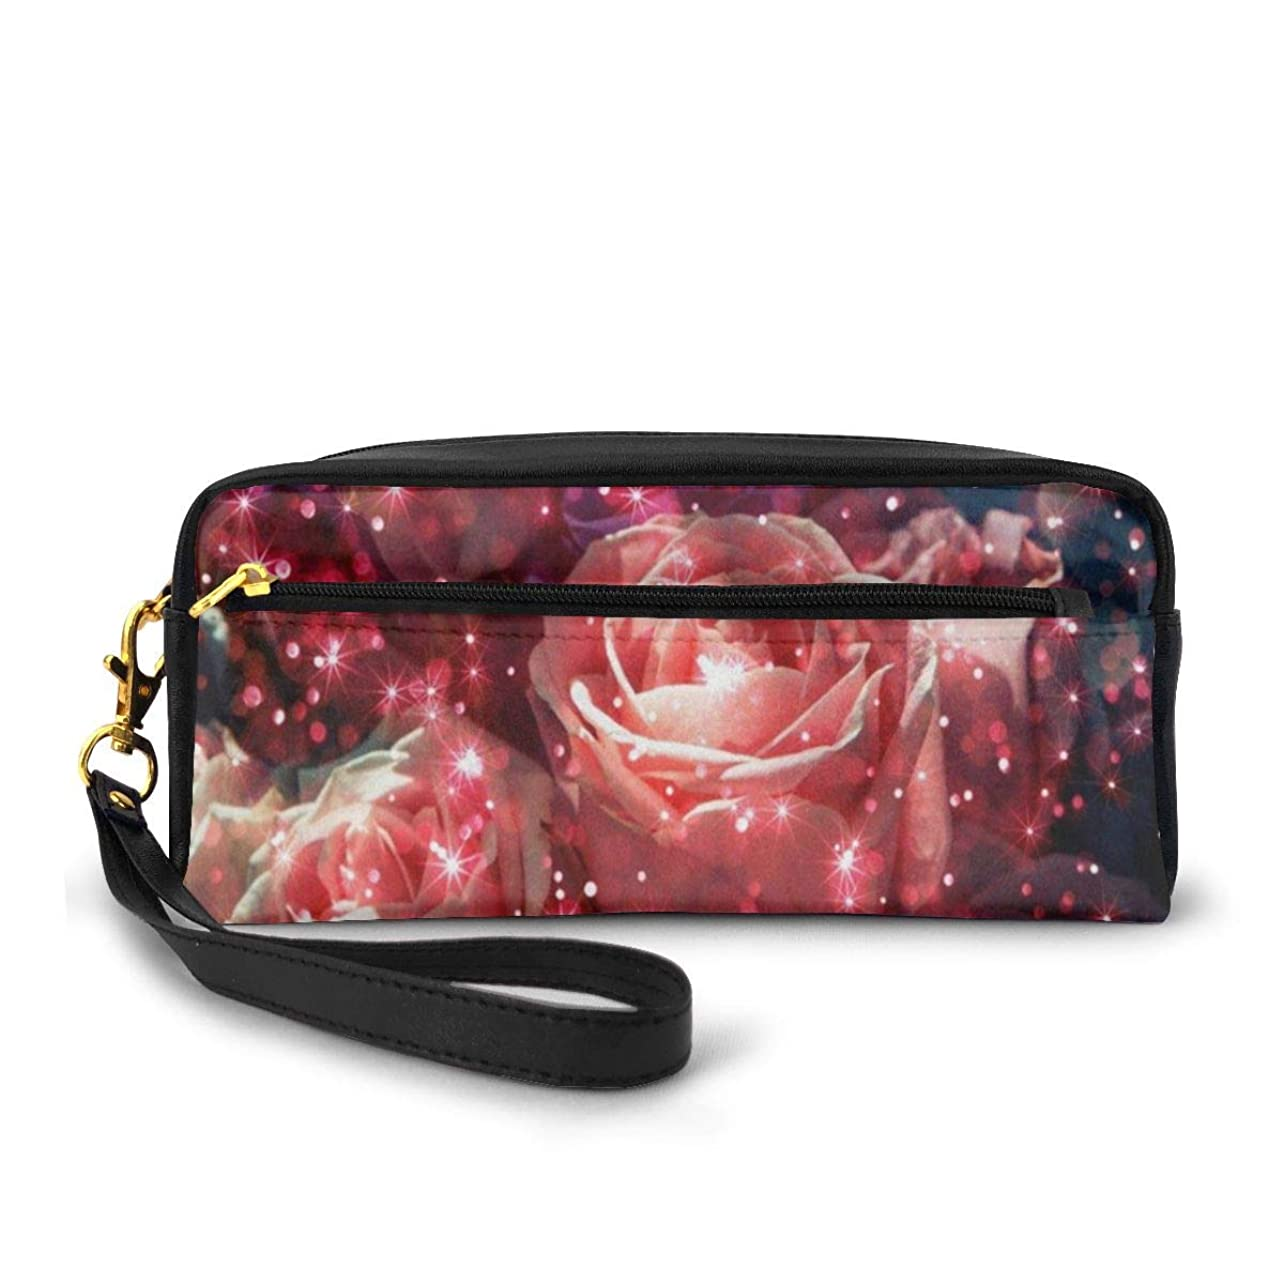 逆争う熟読バラの花のキラキラ 化粧品収納バッグ ウォッシュバッグ ハンドバッグ 化粧品袋 耐久性のある 筆箱 トラベルバッグ カラフルなス ポータブル スキンケア製品収納袋